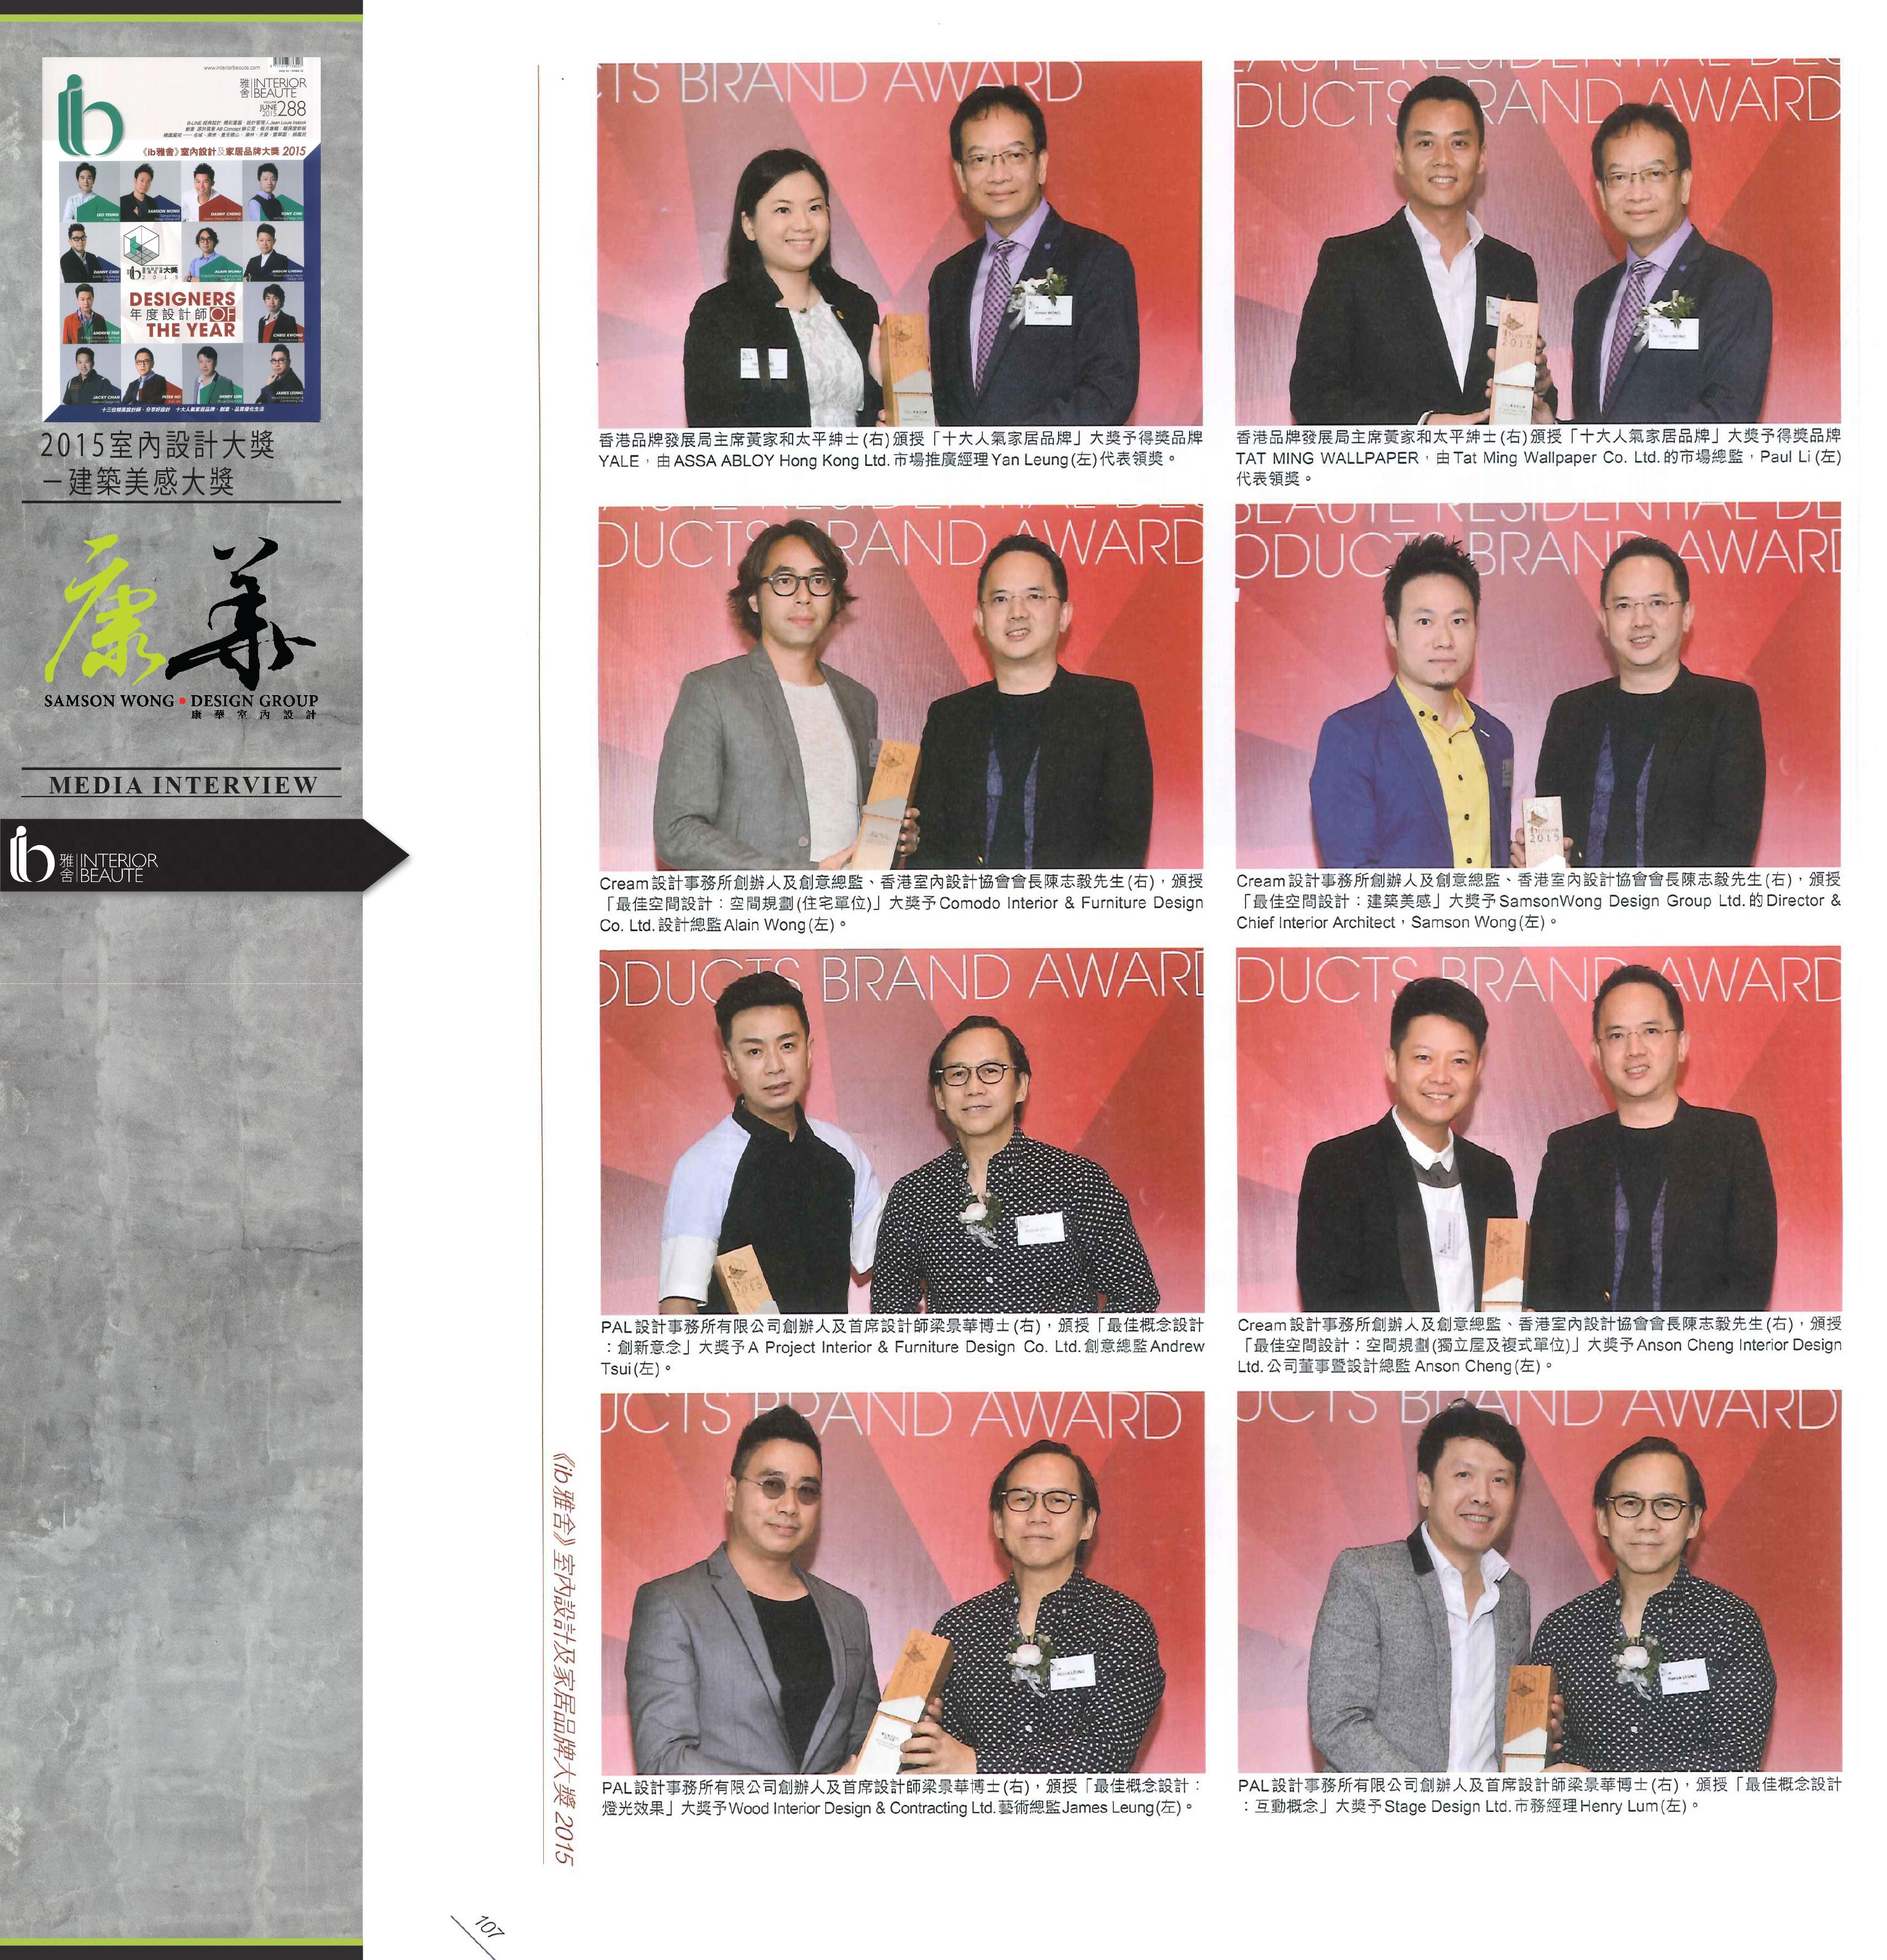 IB Award Magazine 1